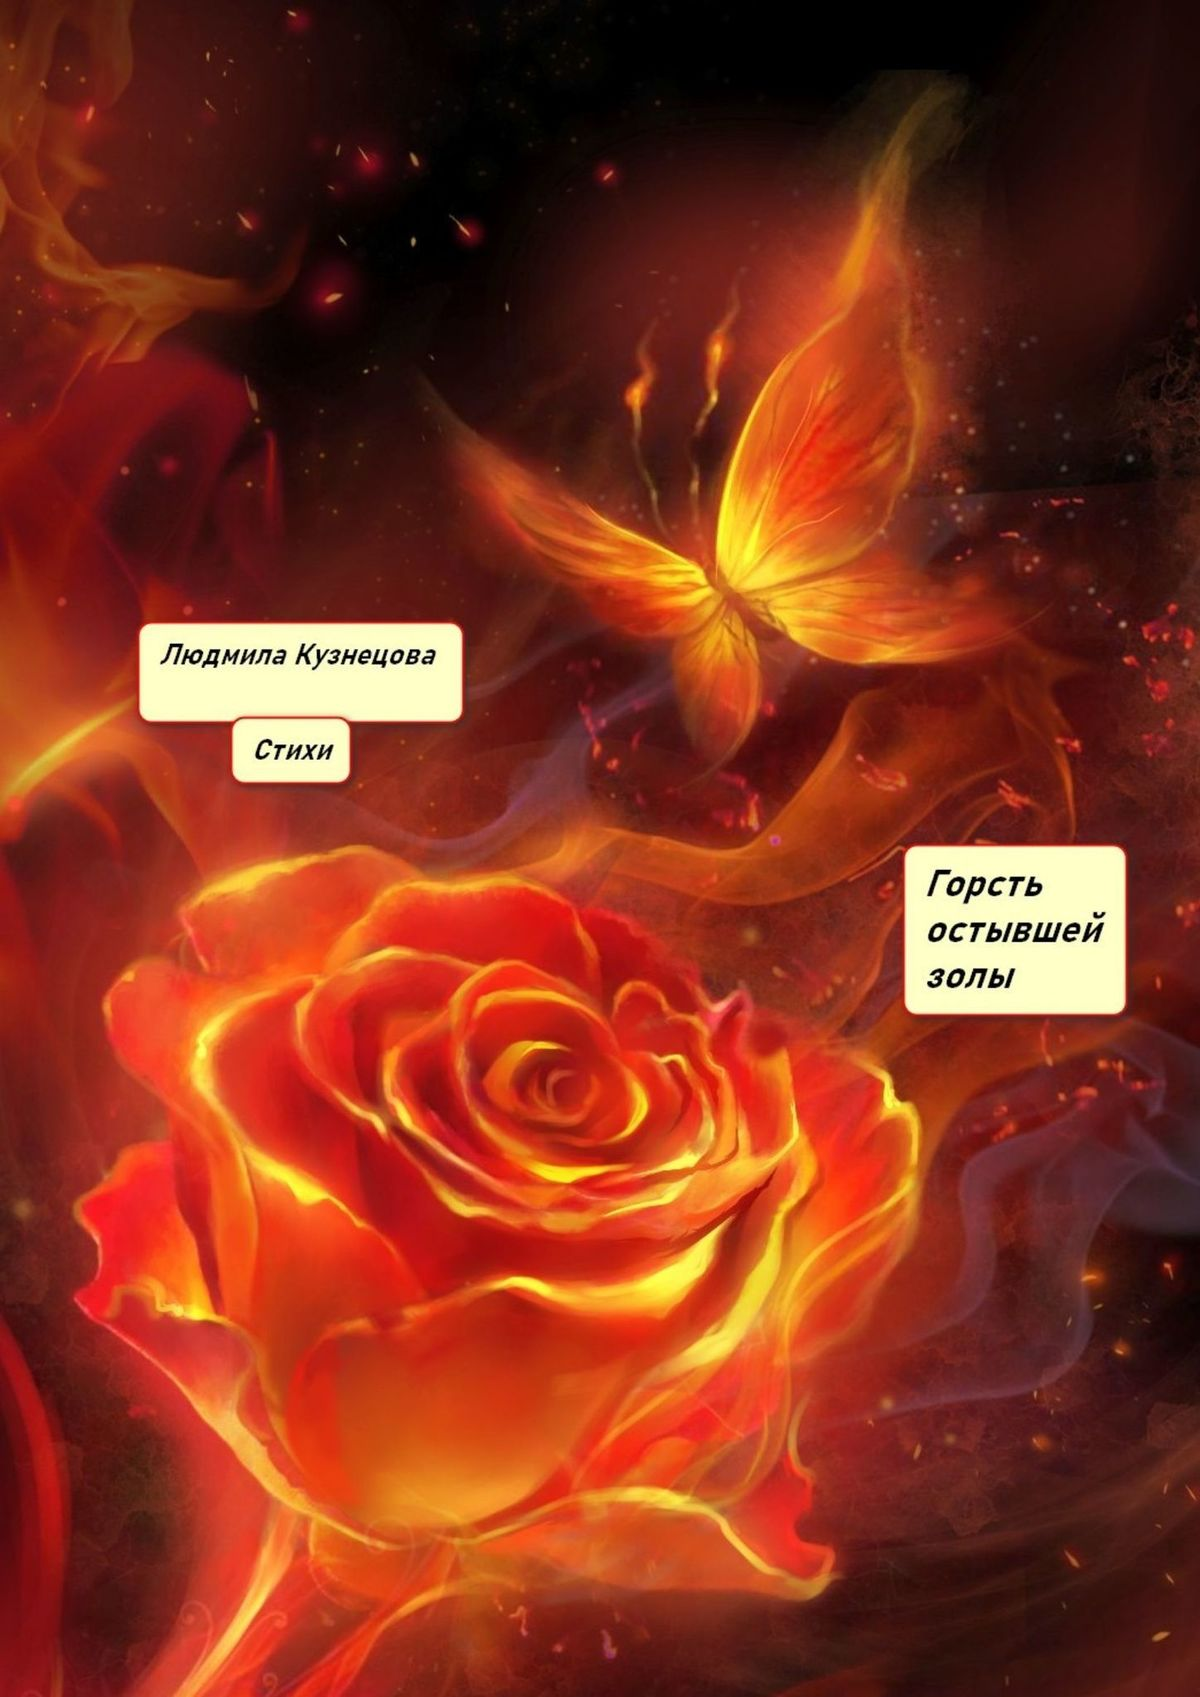 Людмила Кузнецова Горсть остывшейзолы. Стихи горсть